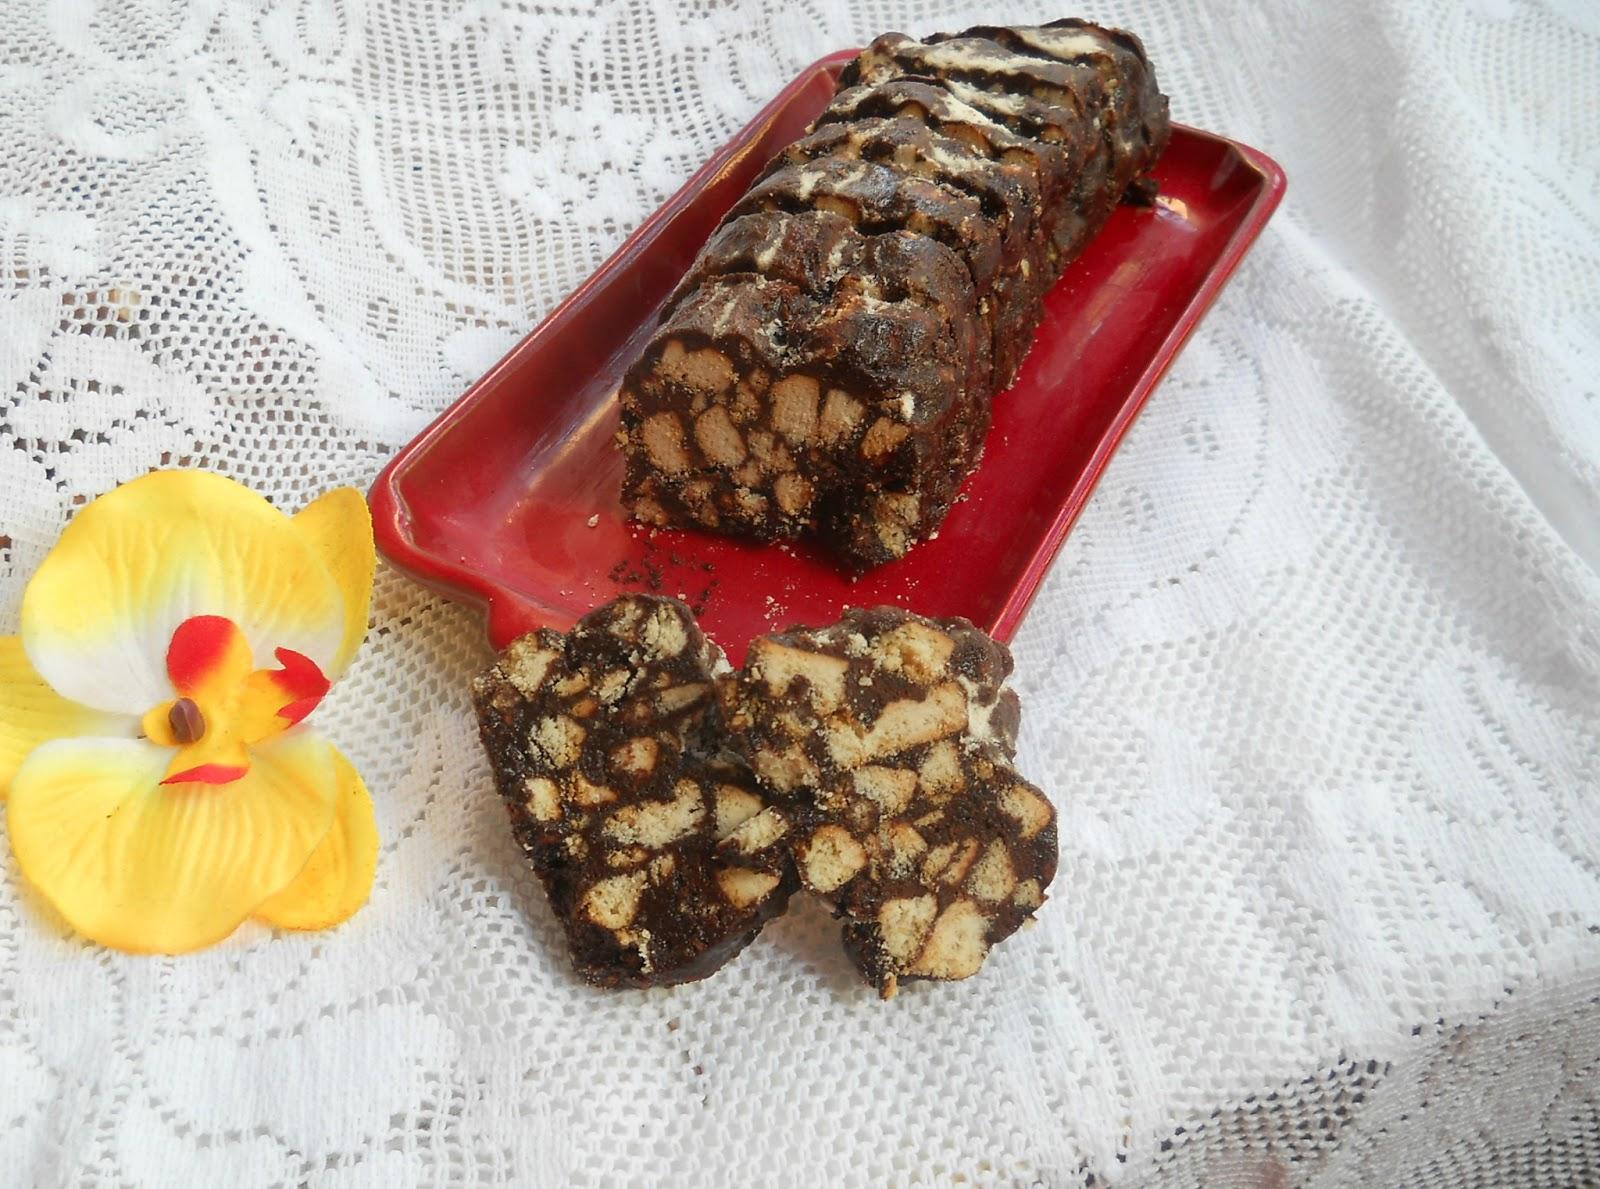 Ricetta Salame Al Cioccolato Spicchio Daglio.Cioccolato Amaro Salame Al Cioccolato Senza Burro Senza Uova E Senza Zucchero